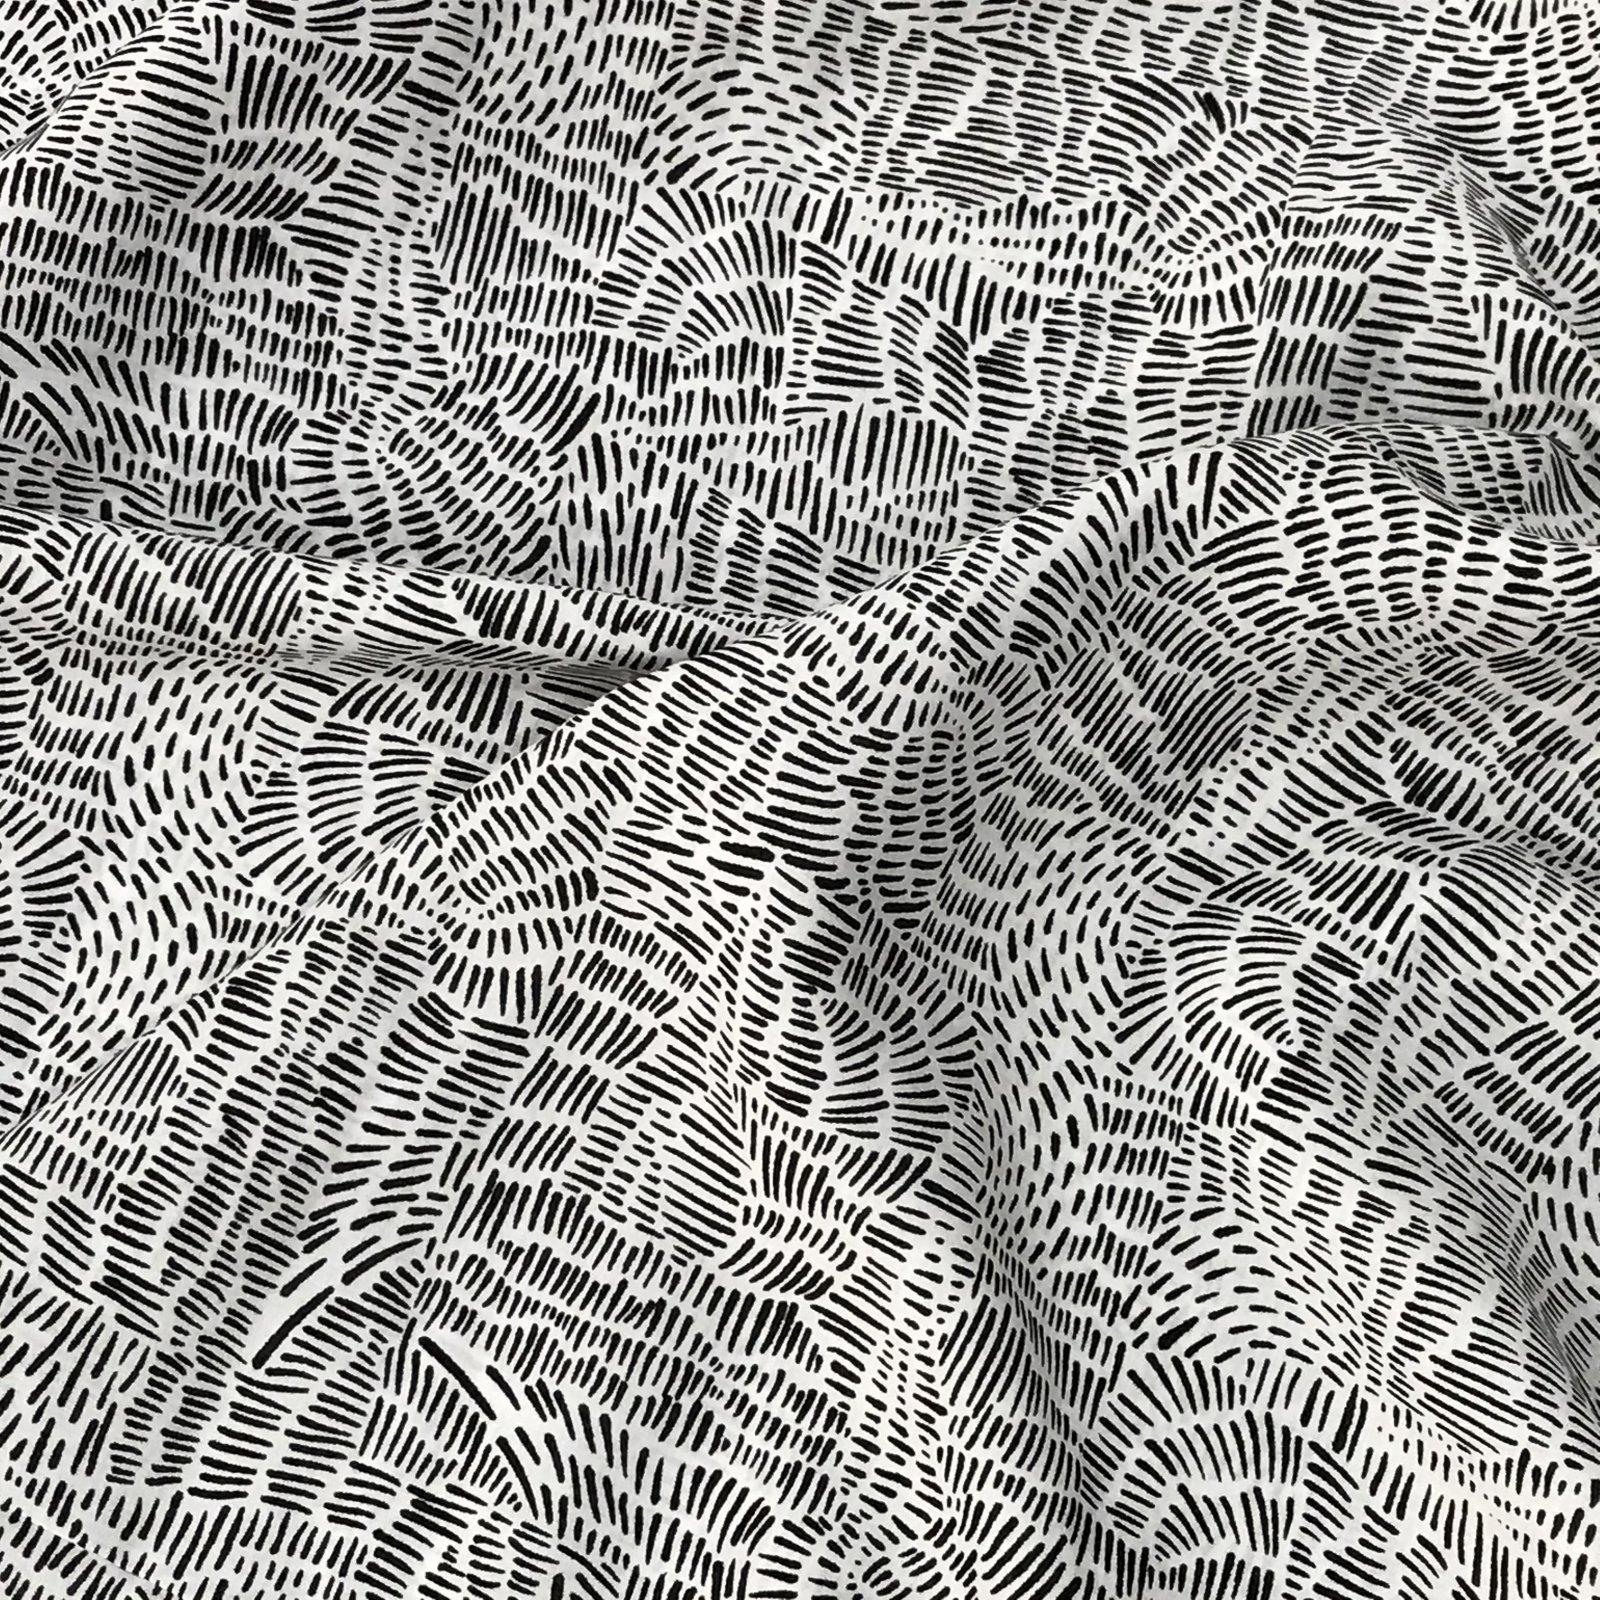 Rayon Challis - Everlasting Imprint